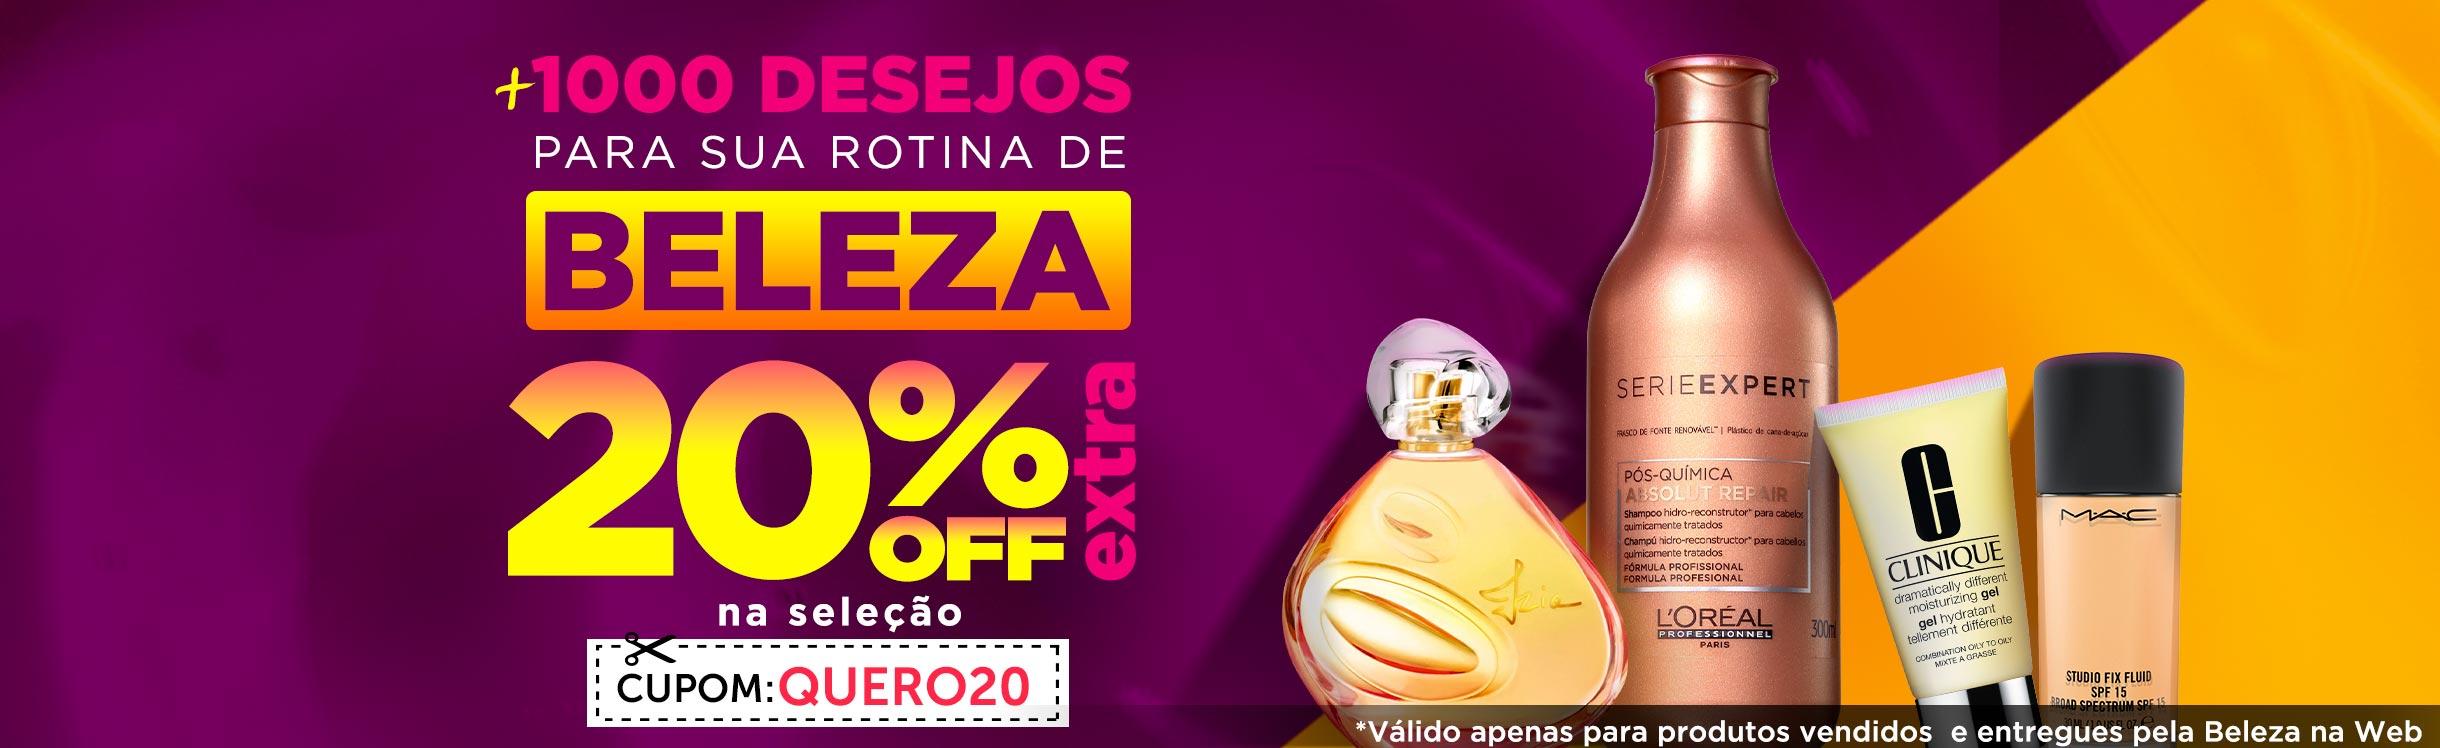 Mega Liquida   +1000 desejos por 20% extra